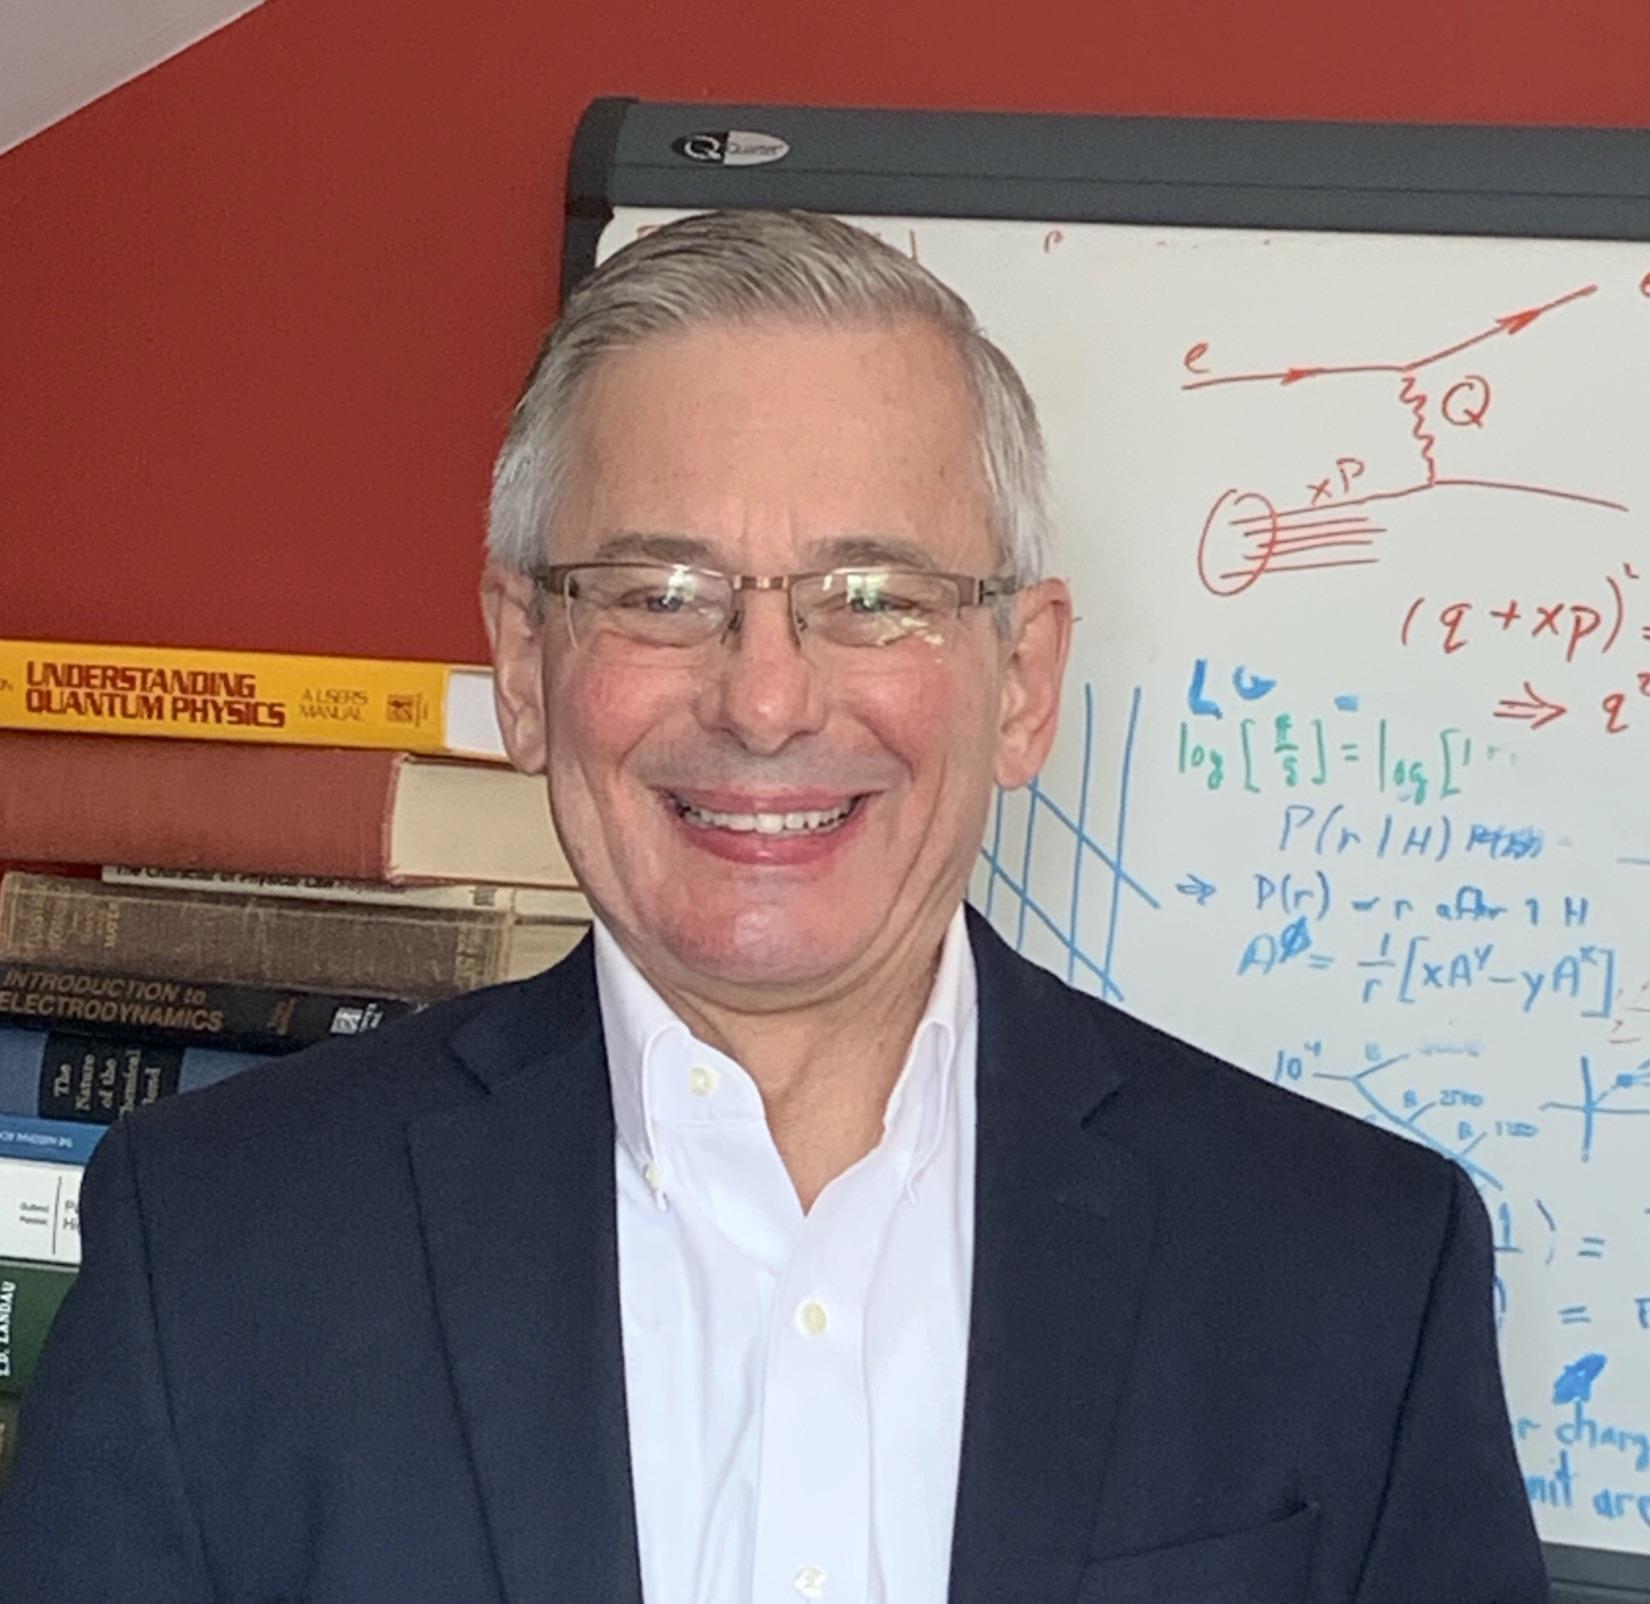 Bill Zajc